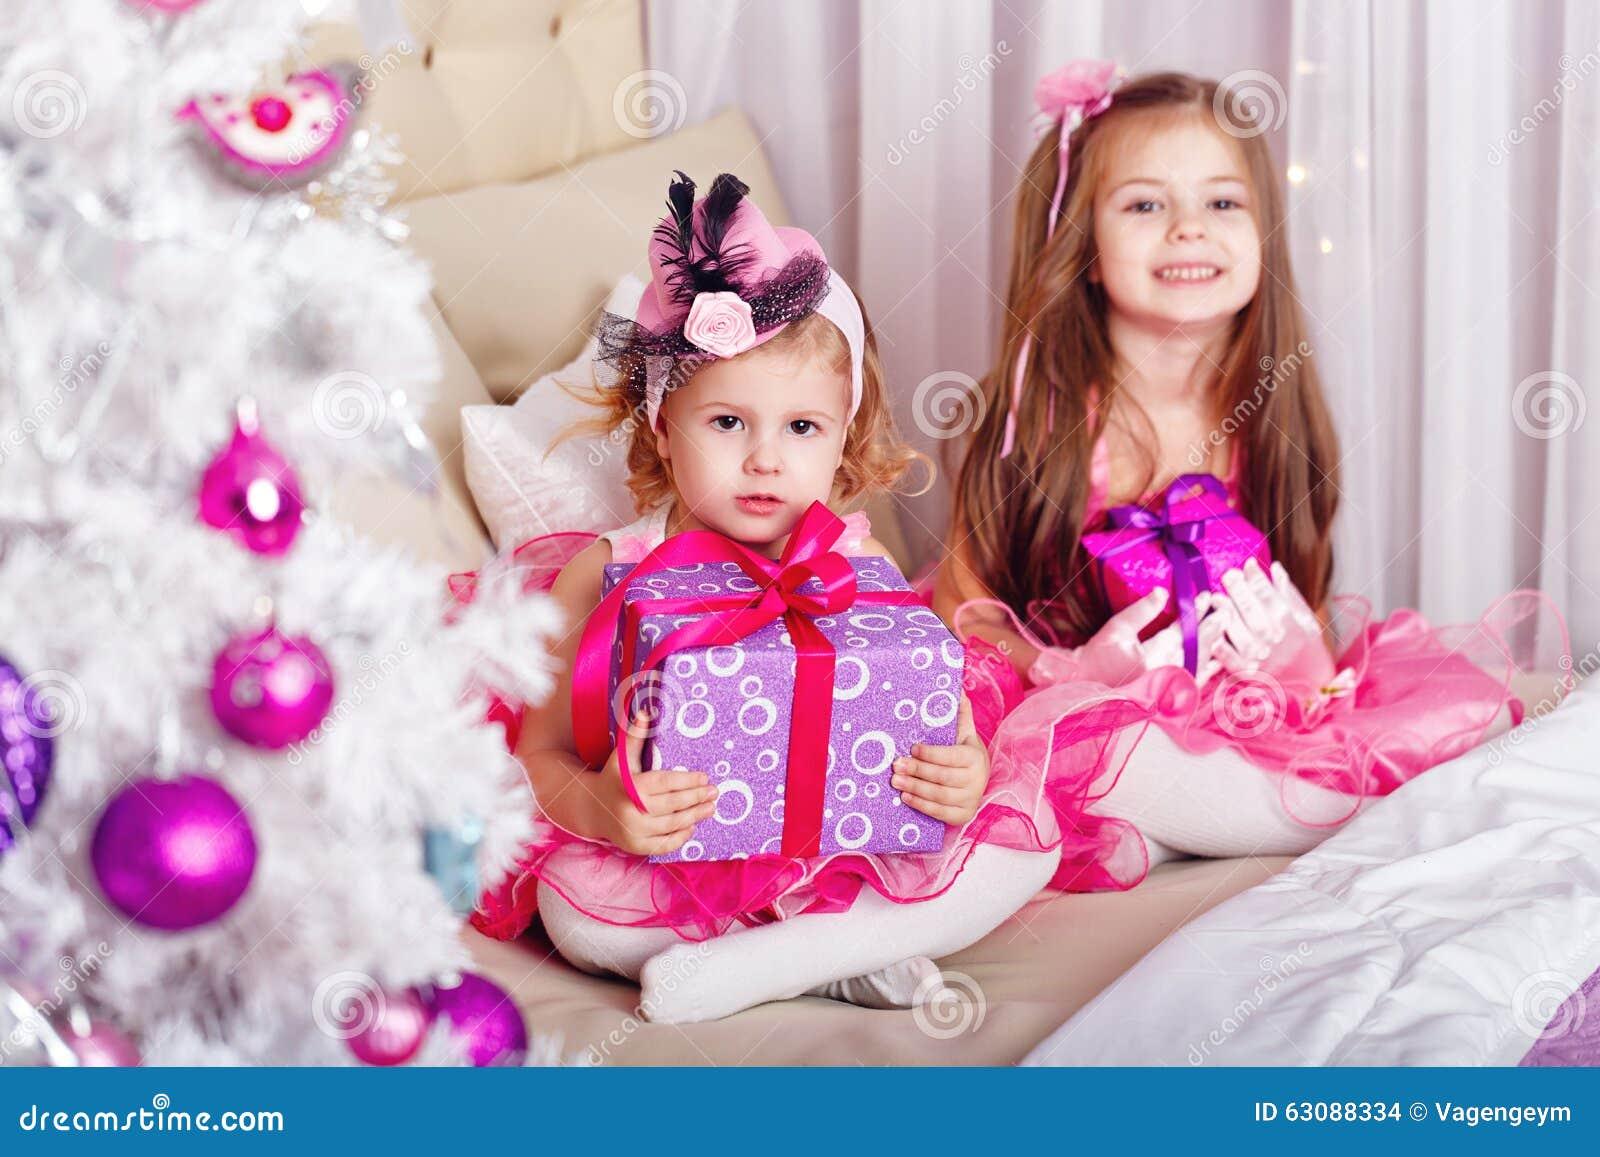 Download Deux Filles Avec Des Cadeaux Pour Noël Photo stock - Image du bonheur, réception: 63088334